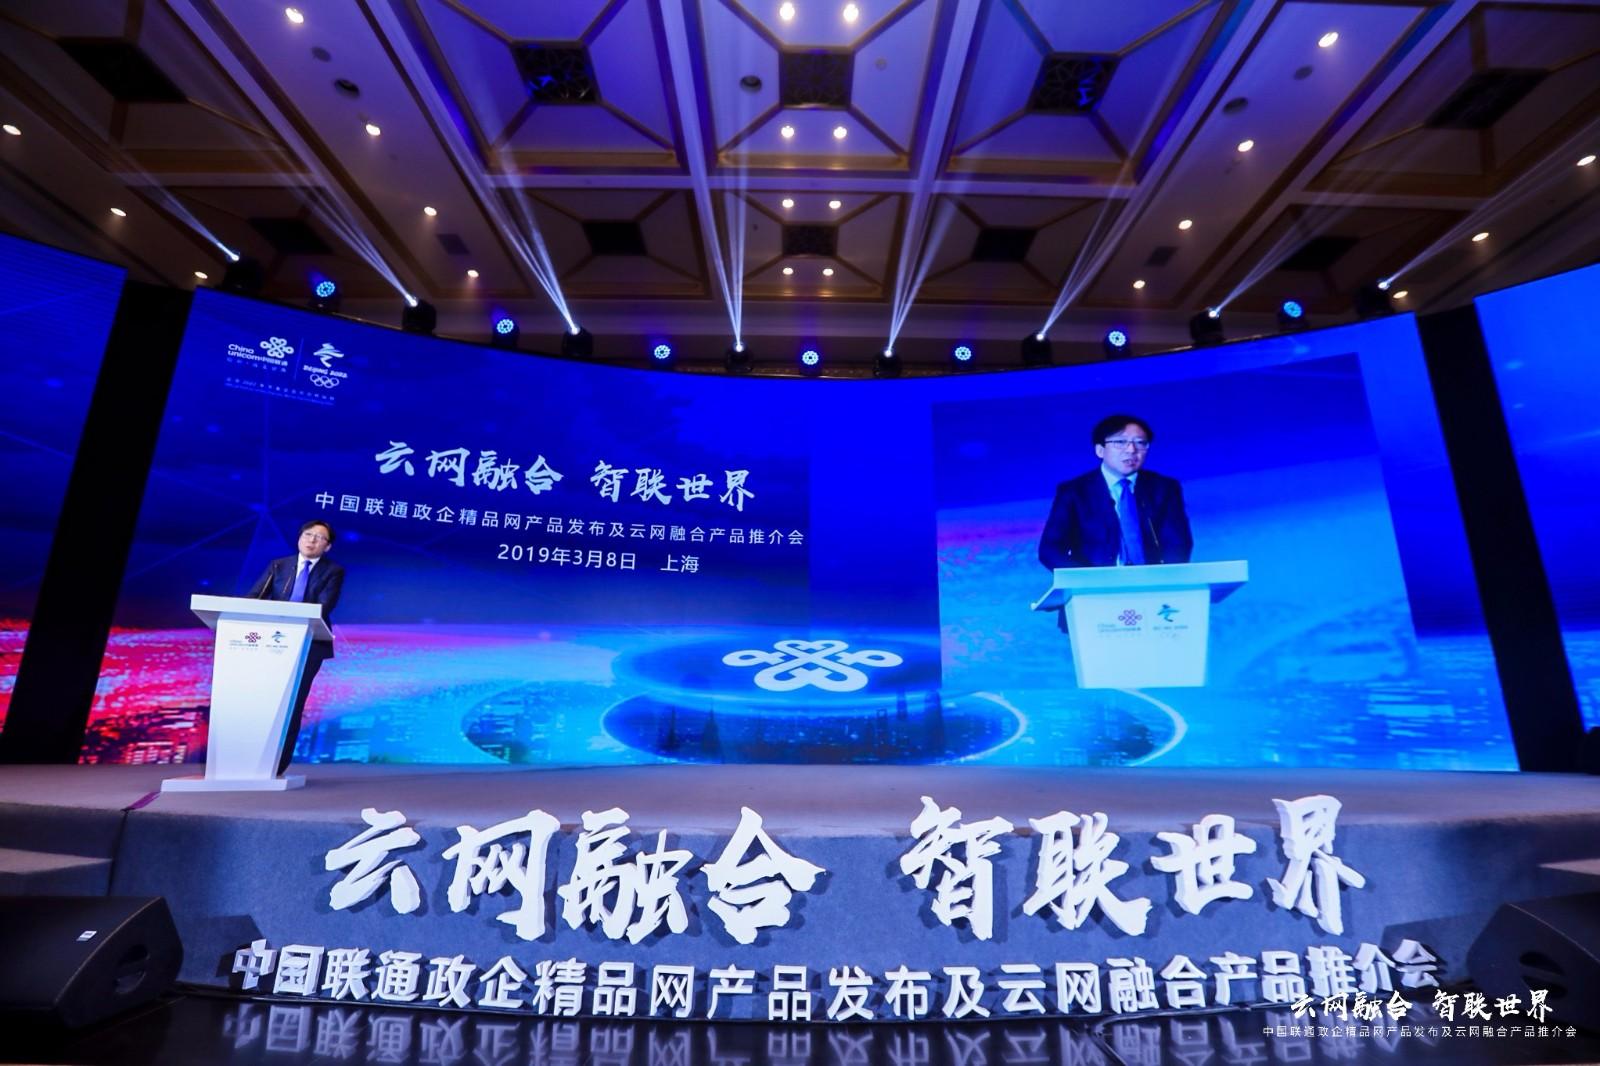 深化混改 持续创新 中国联通重磅发布三款精品网产品